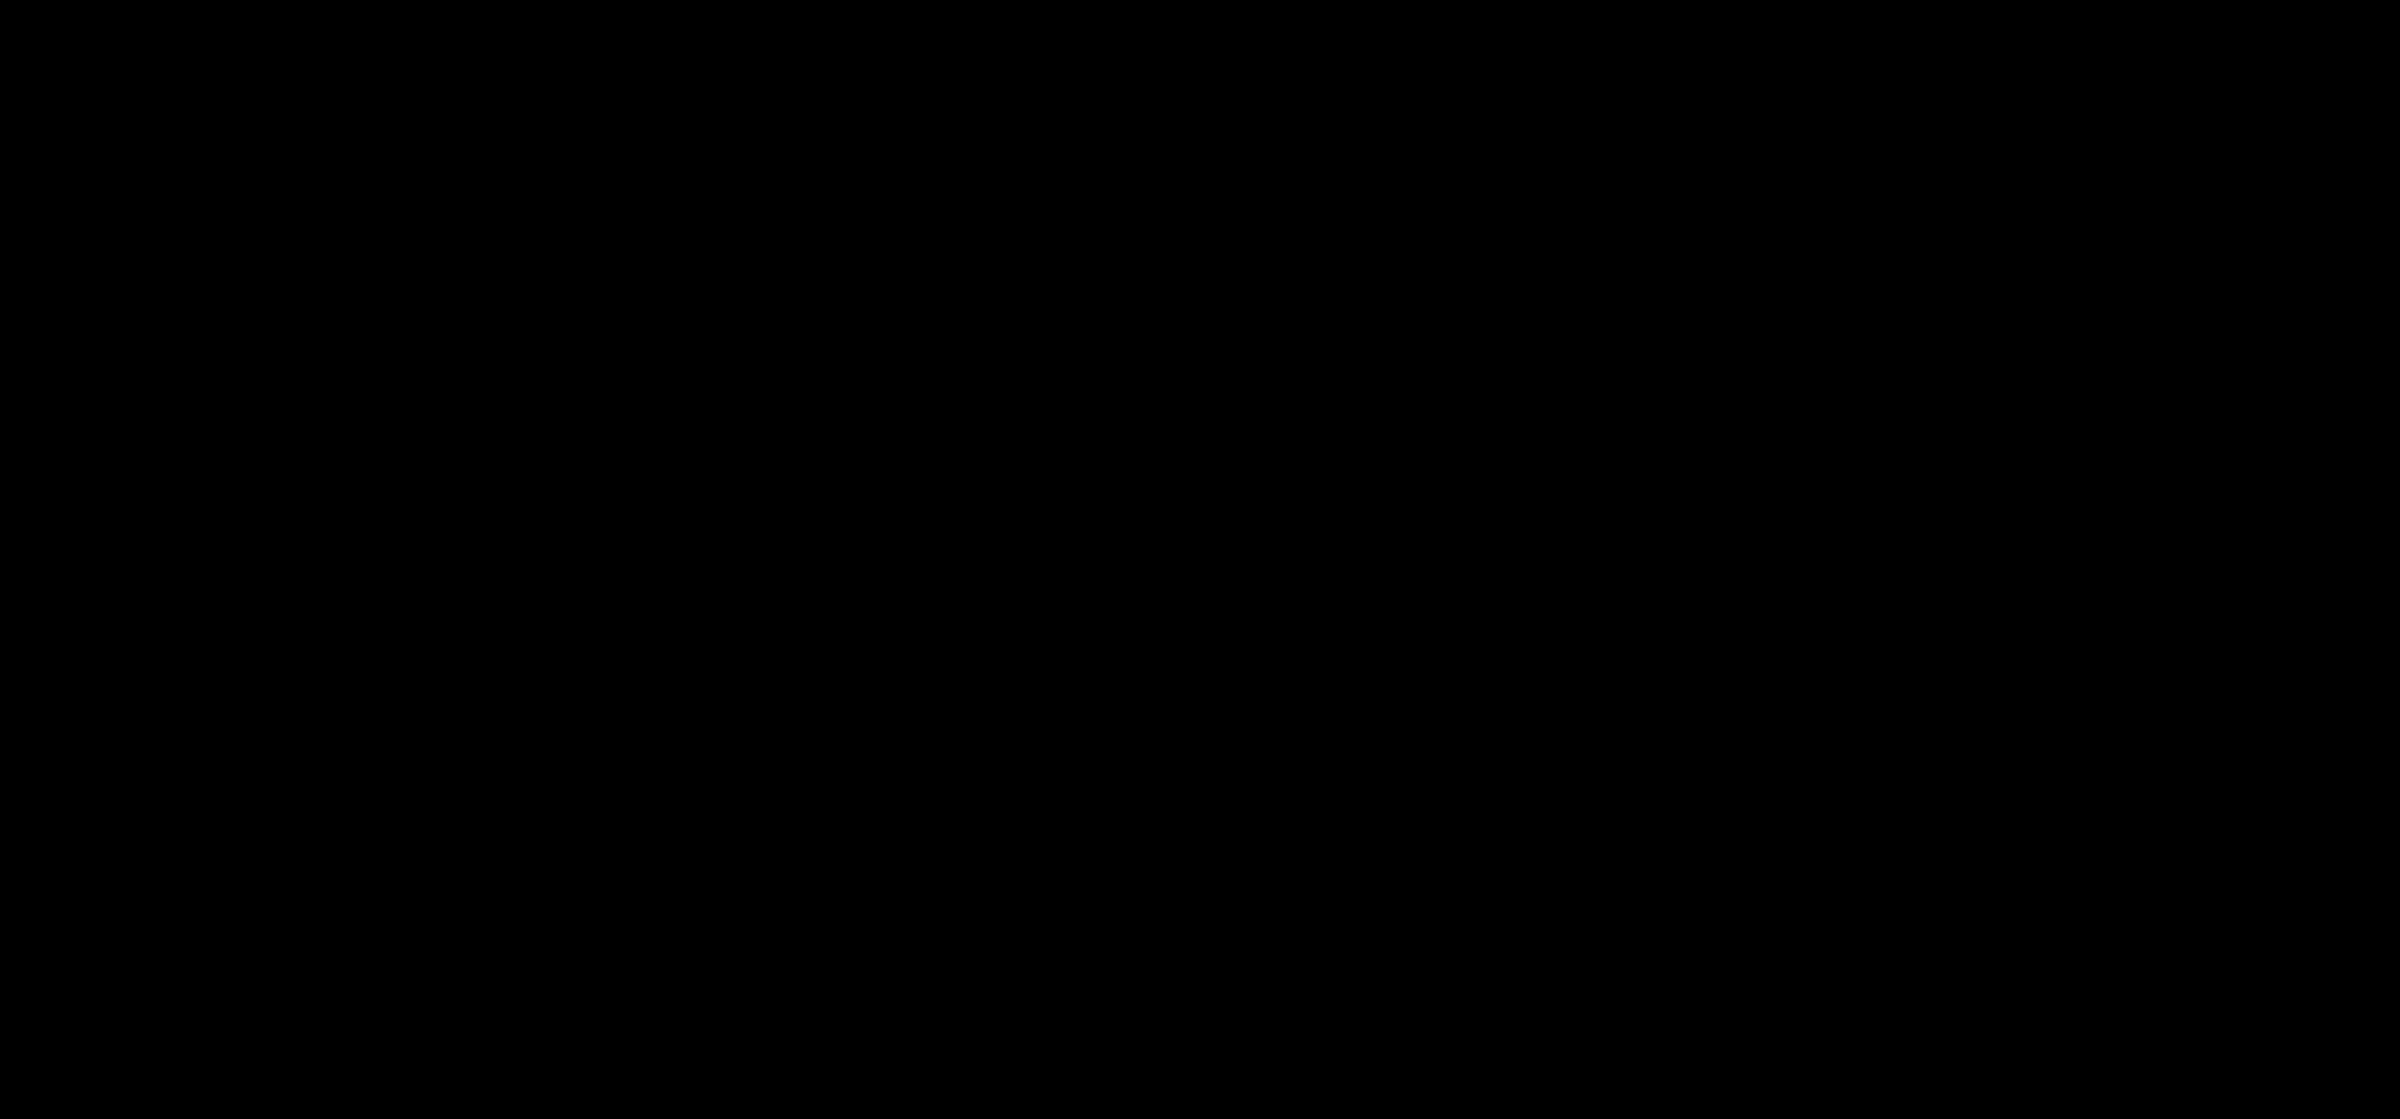 Alamo Logo PNG Transparent